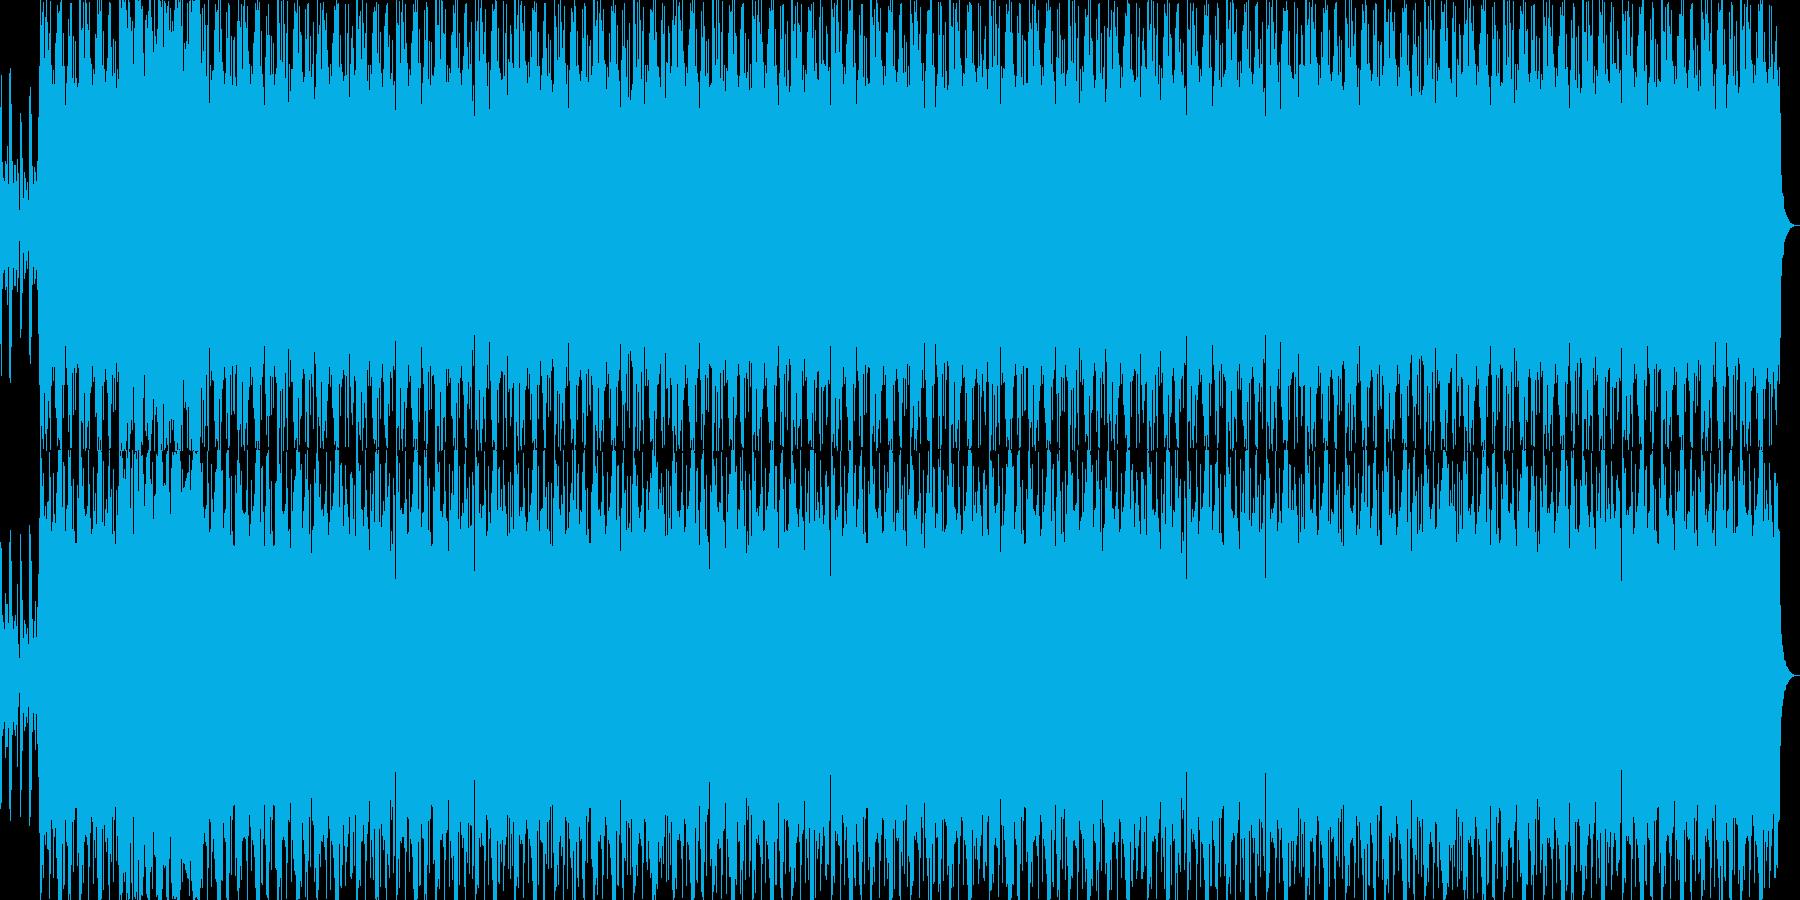 大河風オープニンオーケストラナレーションの再生済みの波形